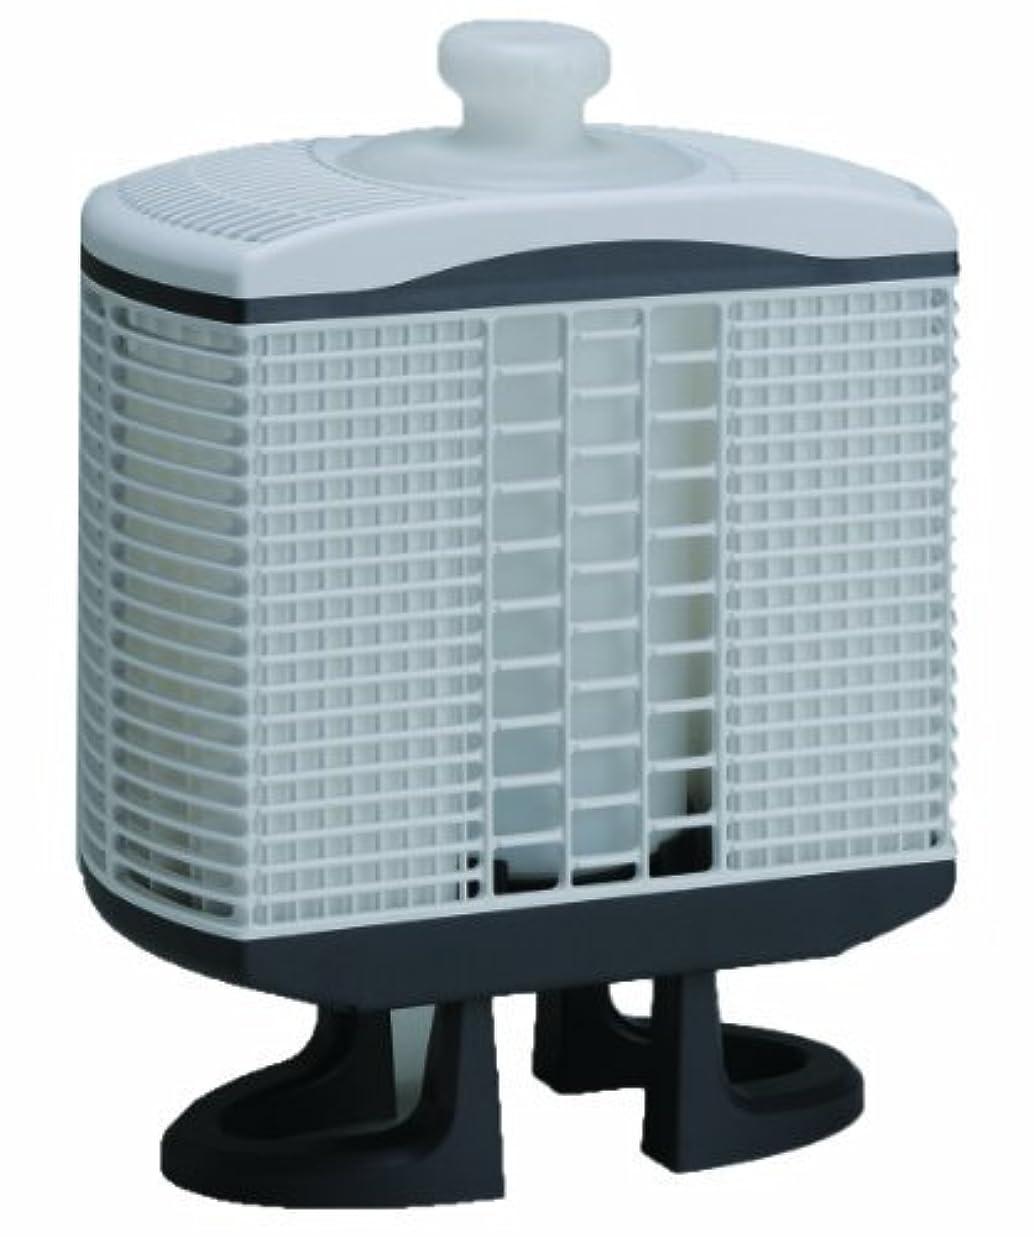 土砂降り洞察力哲学的セイエイ (Seiei) 電気を使わない加湿器 ガイアモパーソナルタイプ 【まとめ買い3個セット】